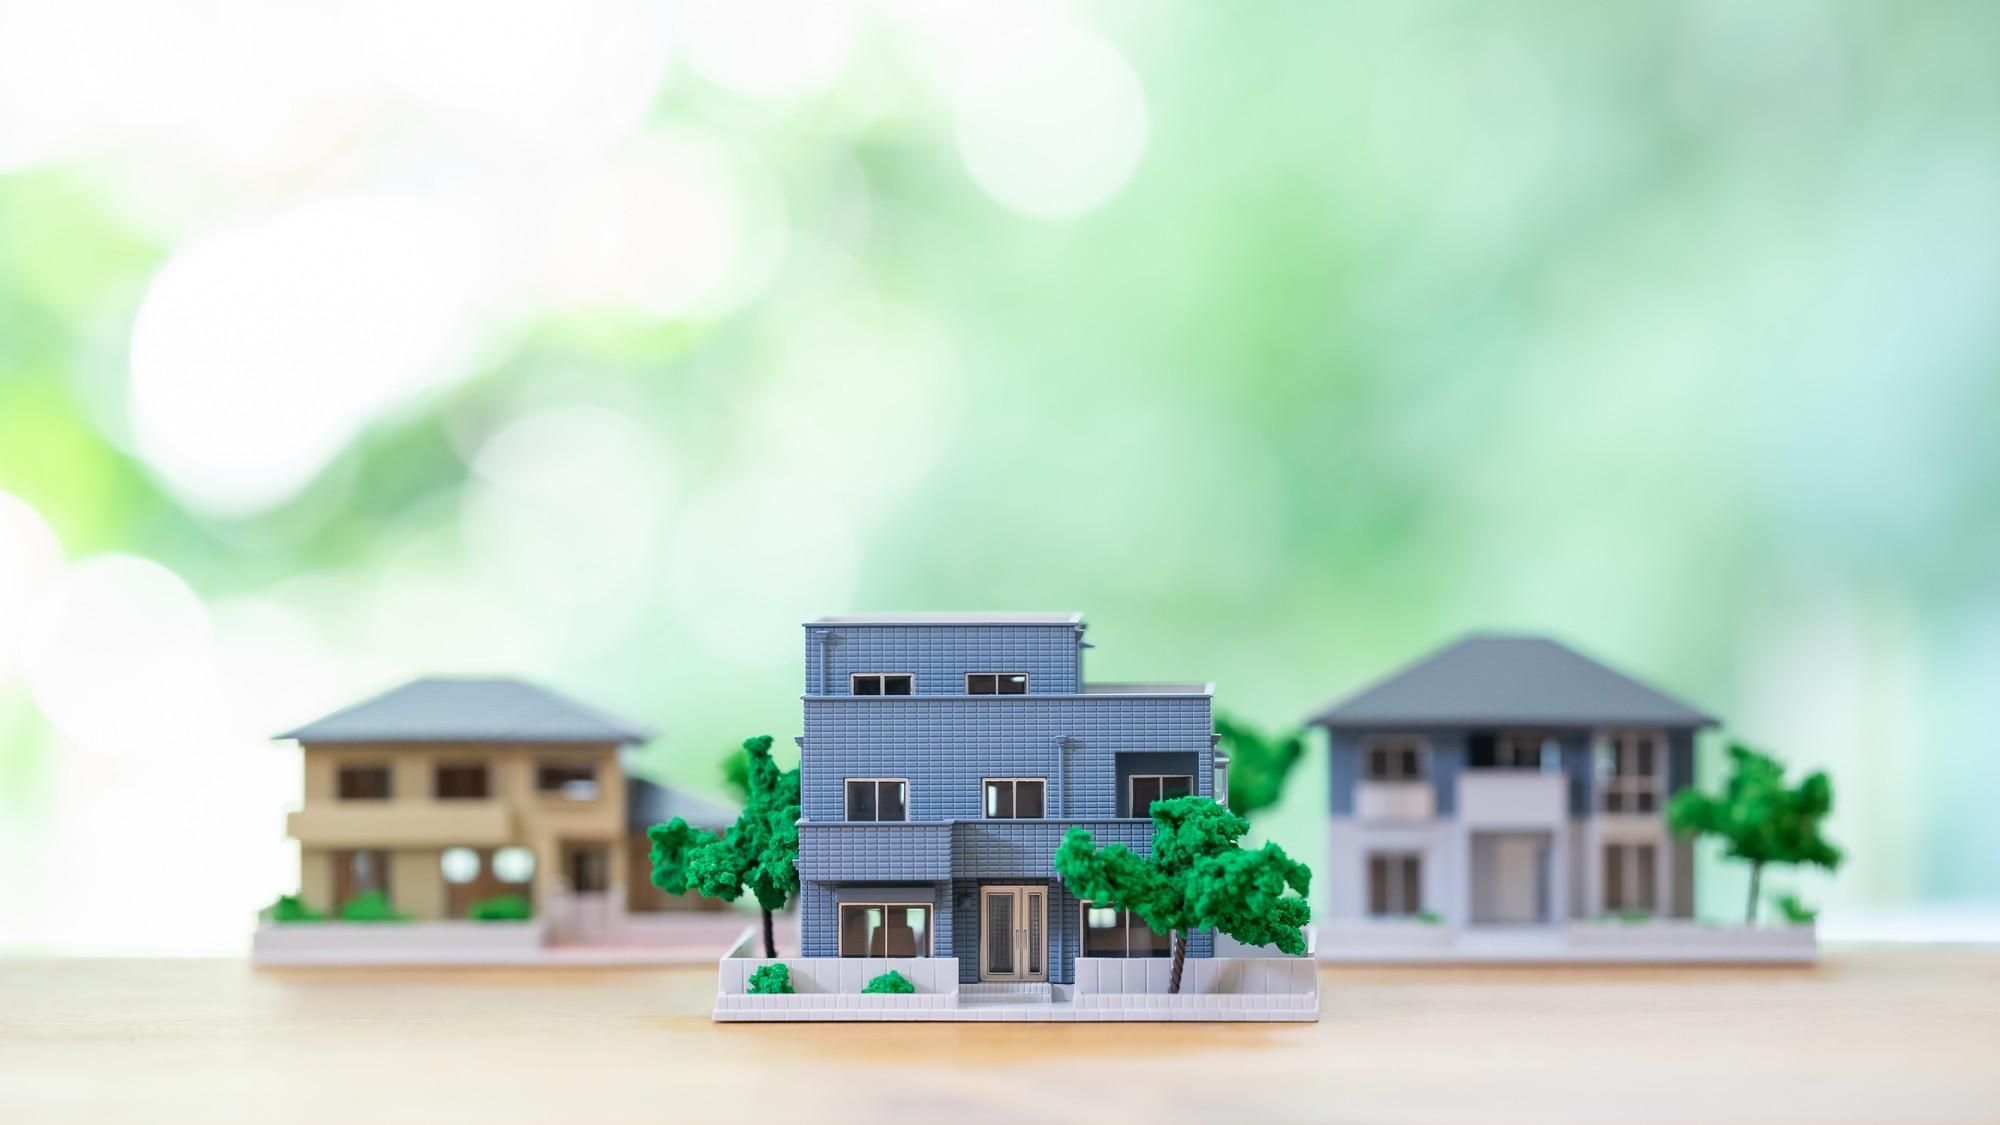 初めての不動産購入で「新築アパート」がお勧めといえる理由